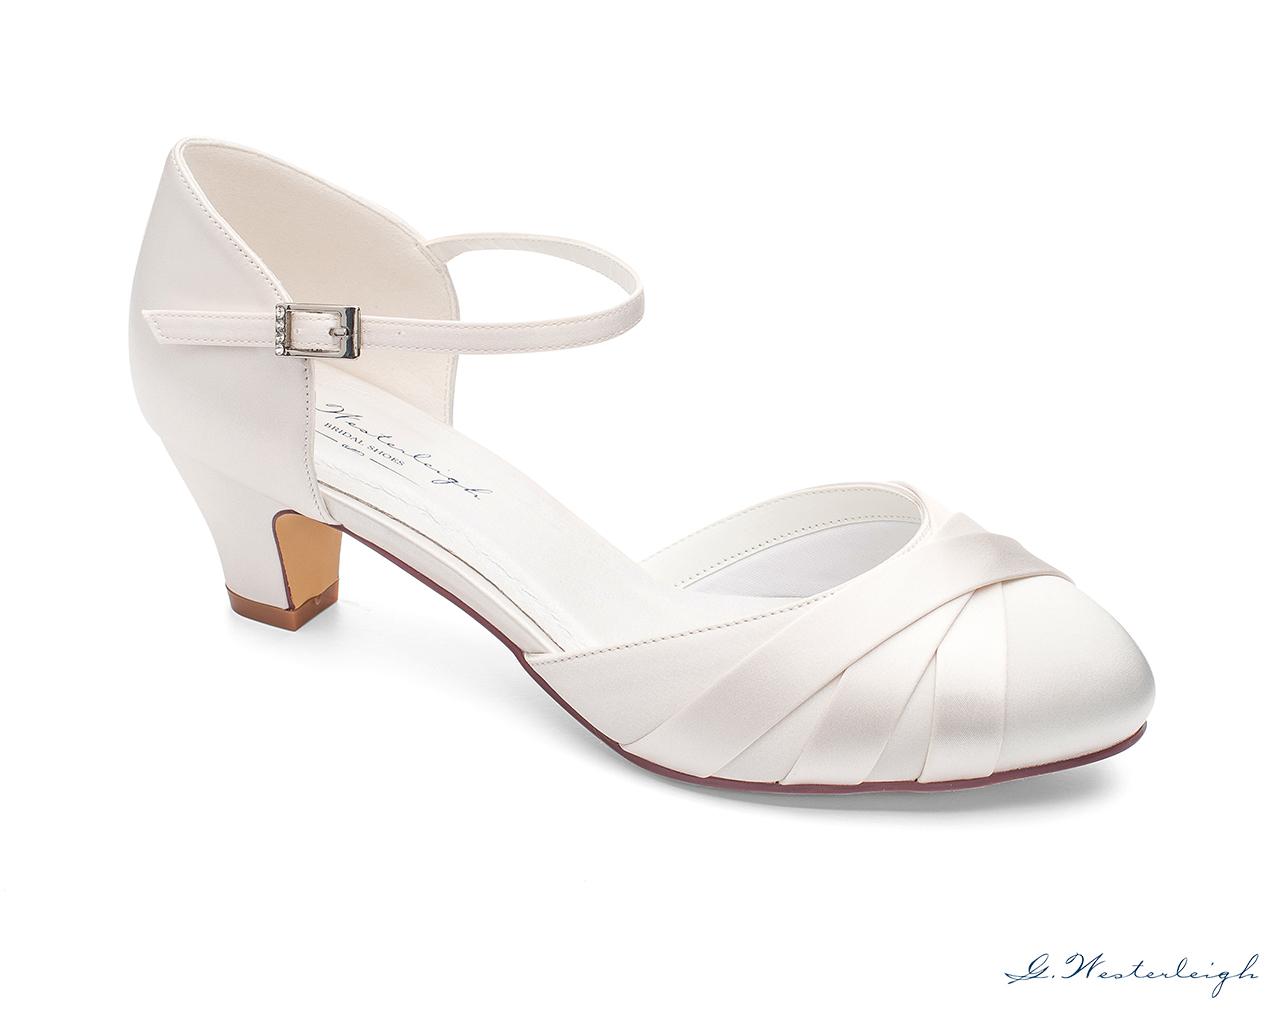 Webáruház   termékek   Alkalmi és esküvői cipők - gwesterleigh.com 338ac90b77